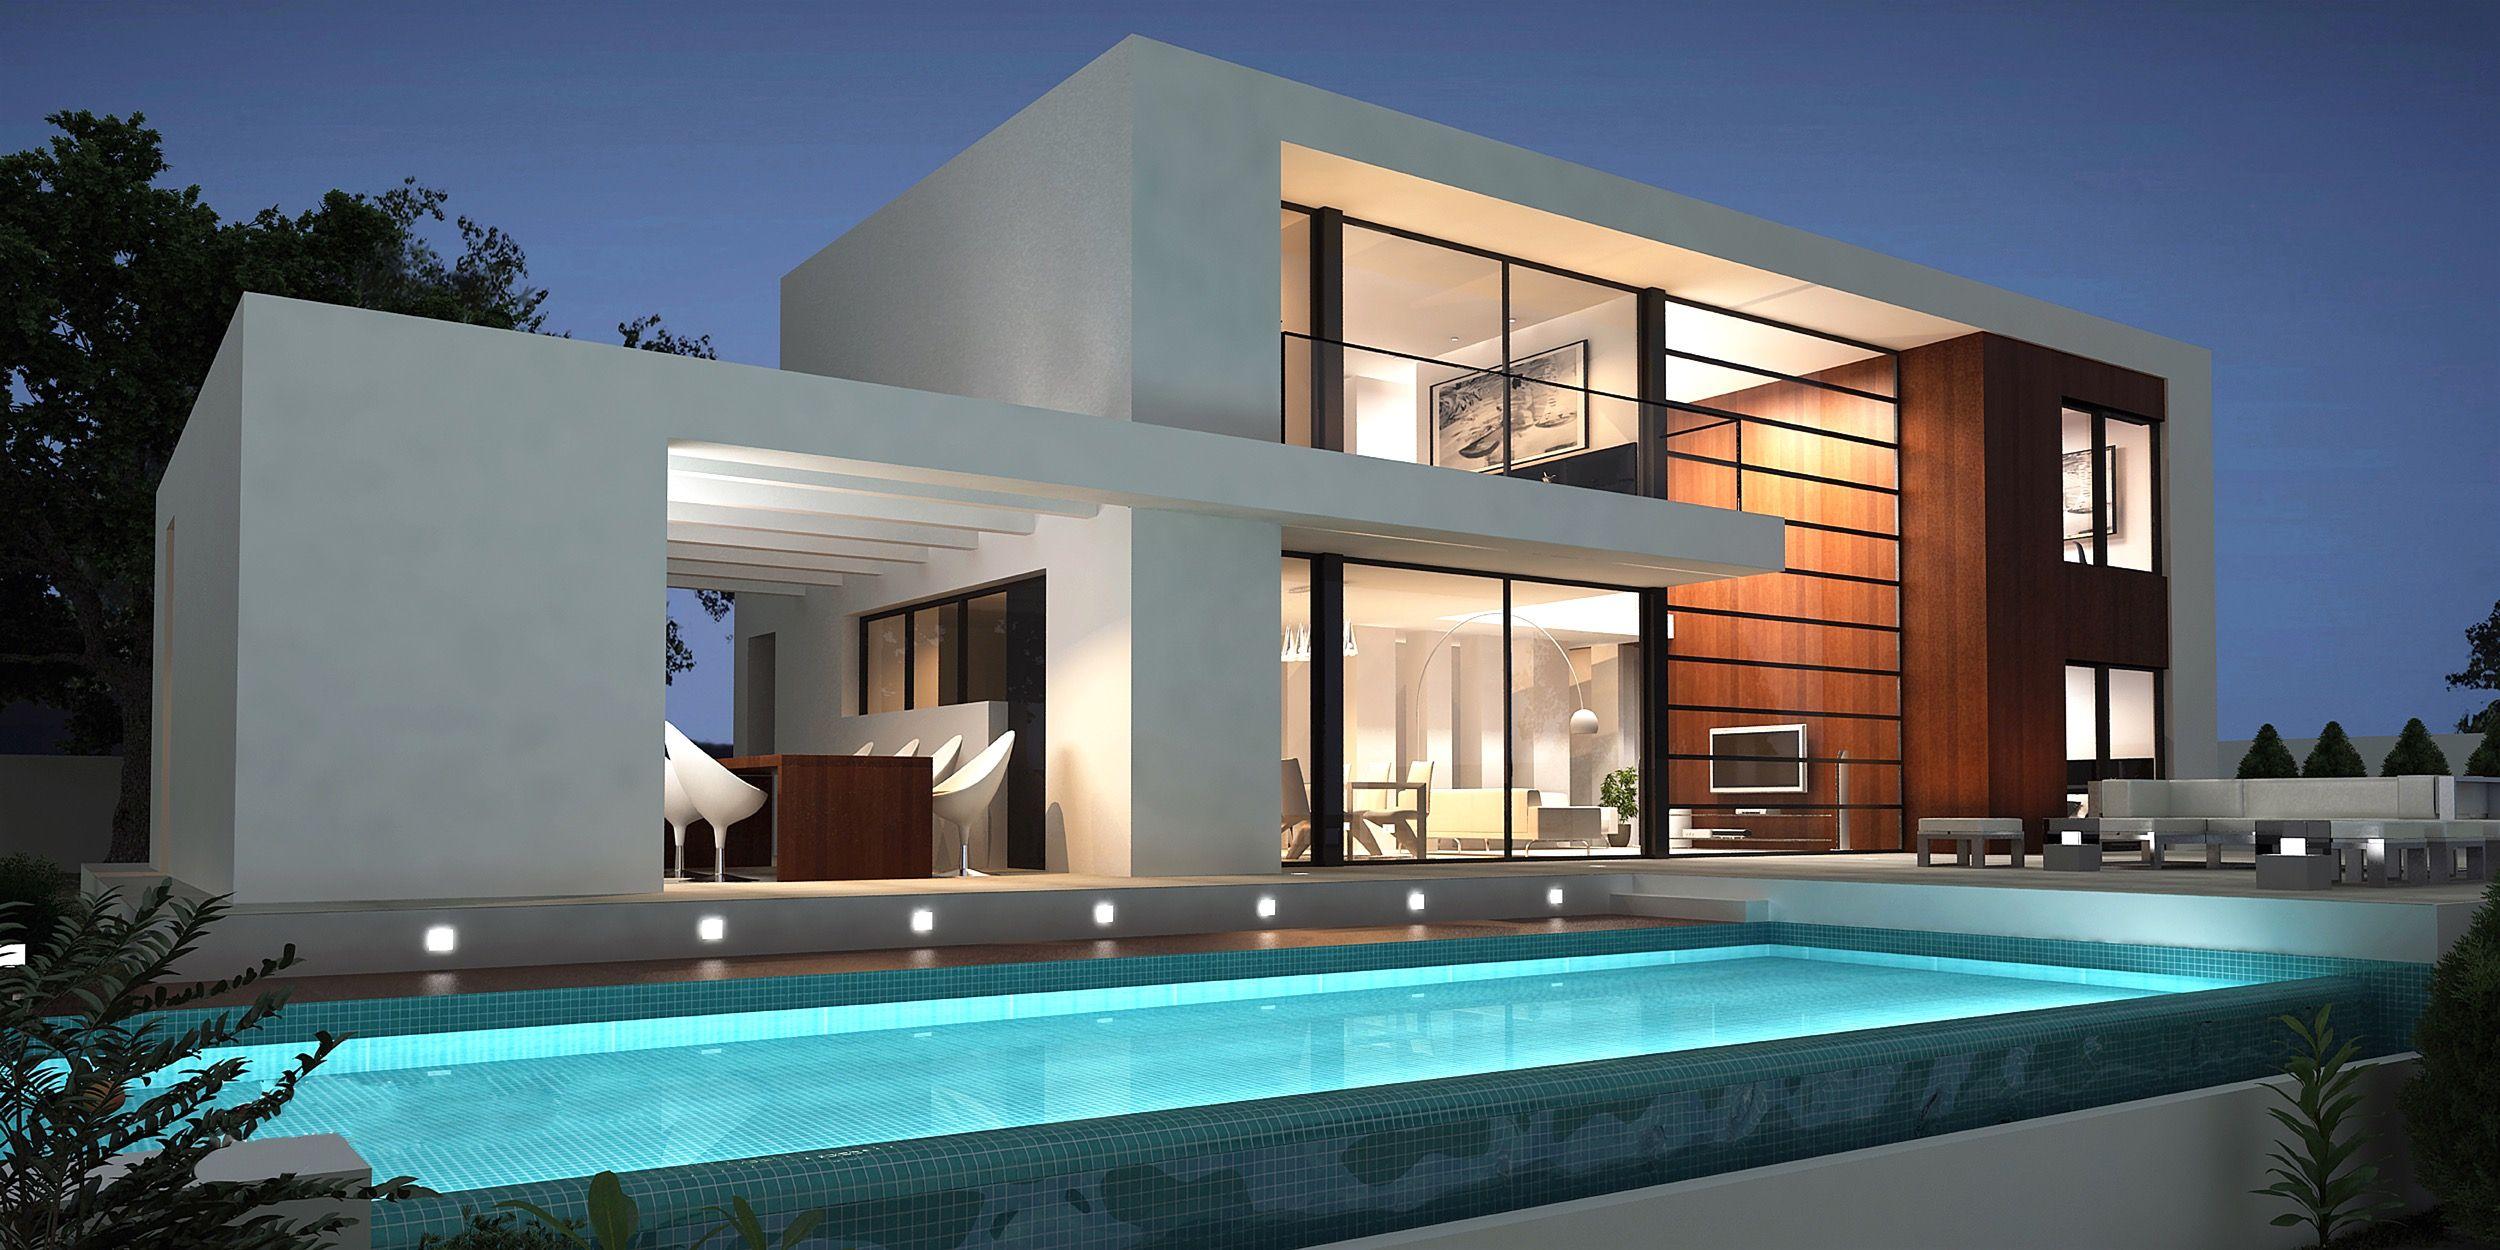 Traumhaus modern attraktiv auf dekoideen fur ihr zuhause for Traumhaus modern